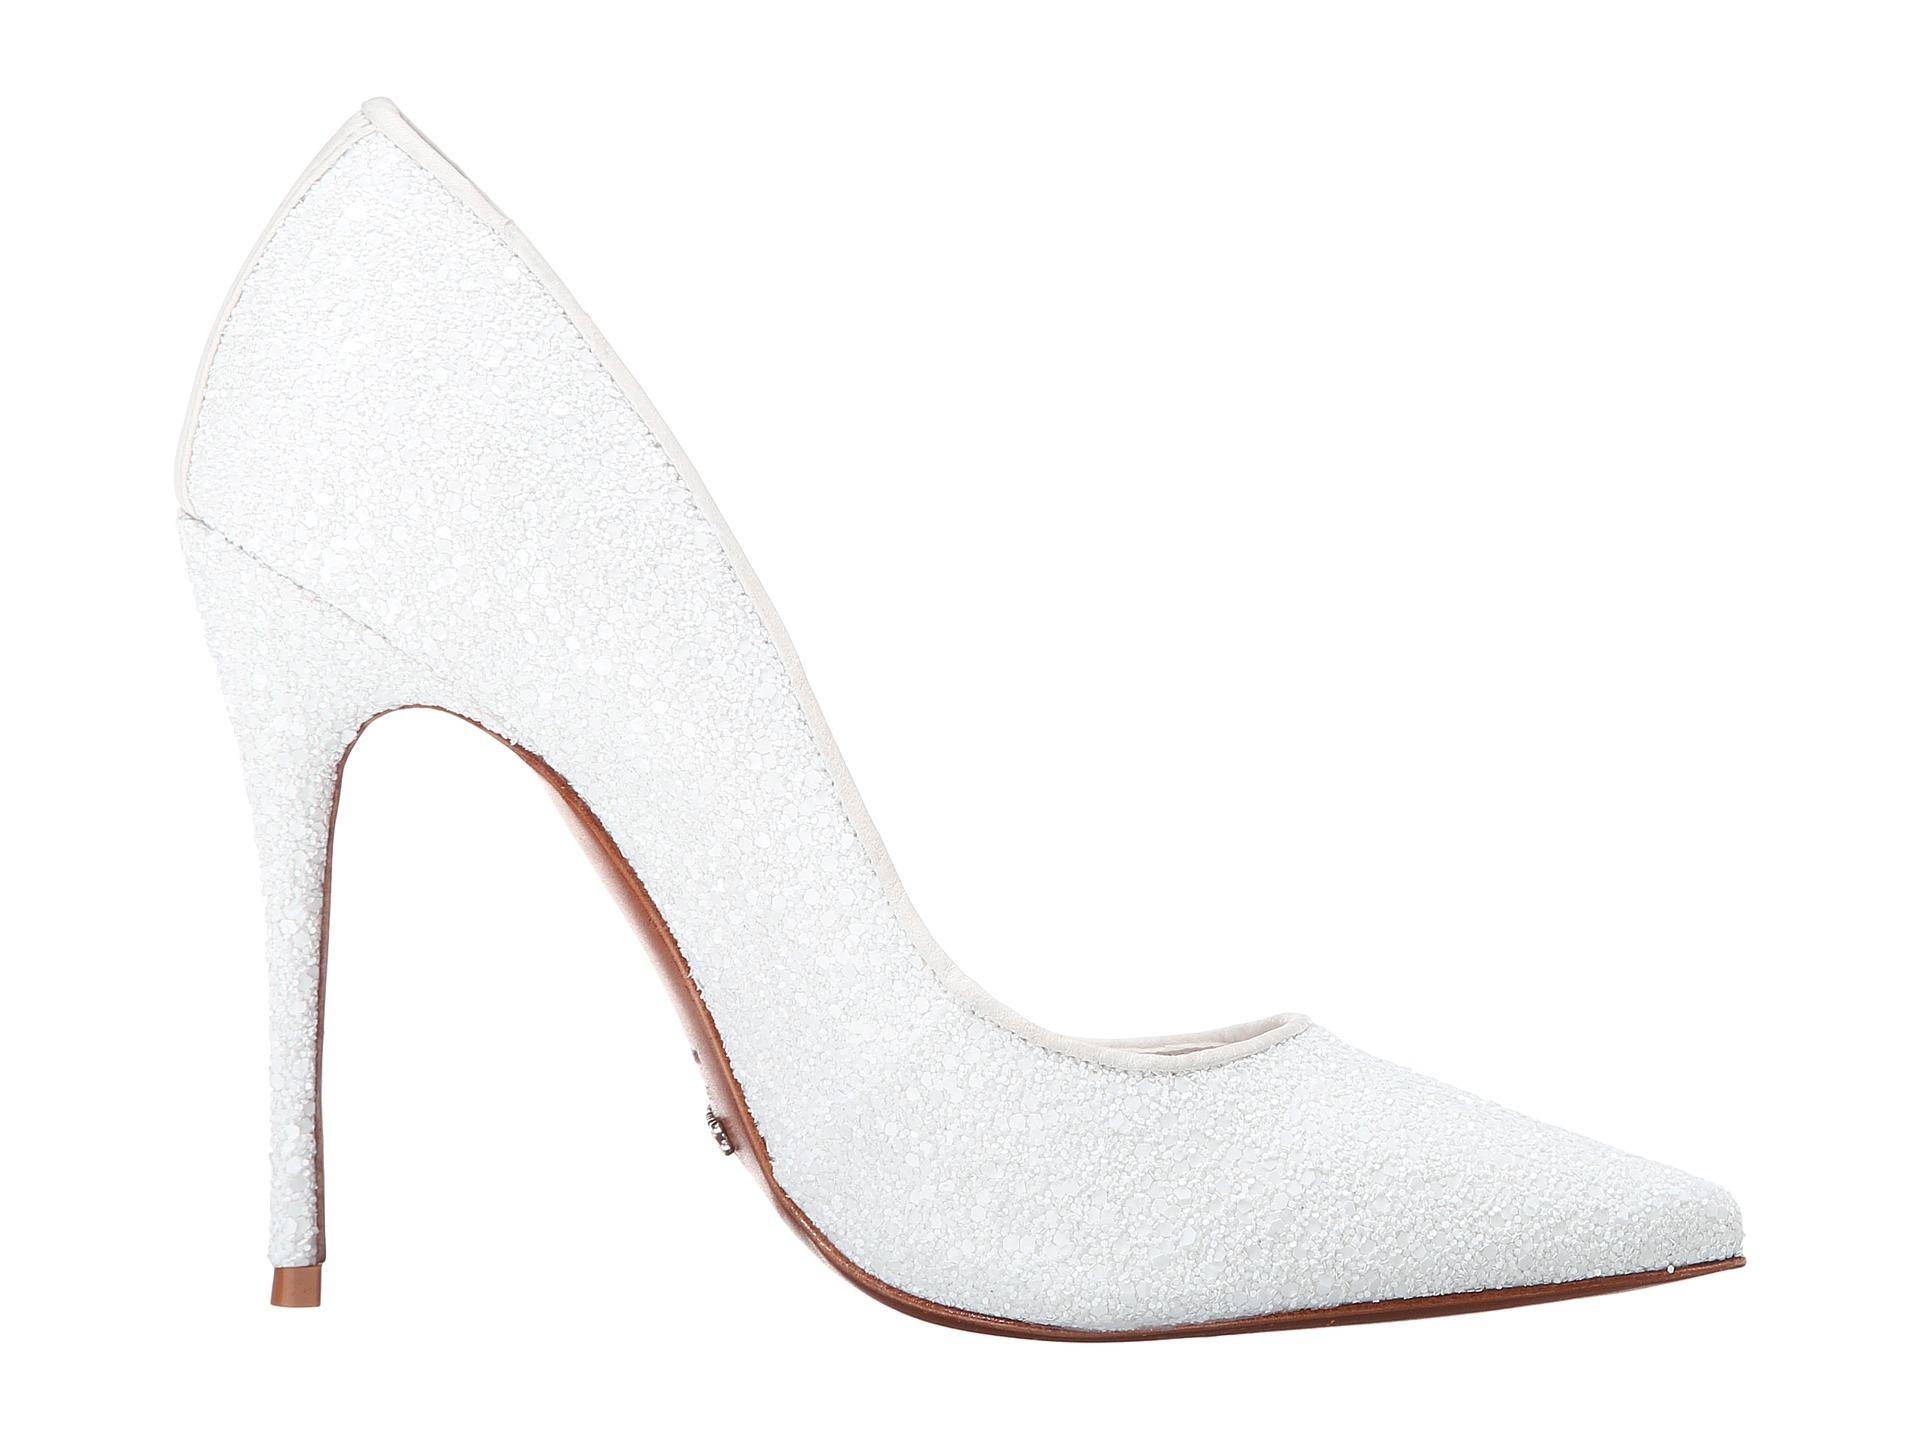 e7ad711320b Lyst - Schutz Caiolea in White